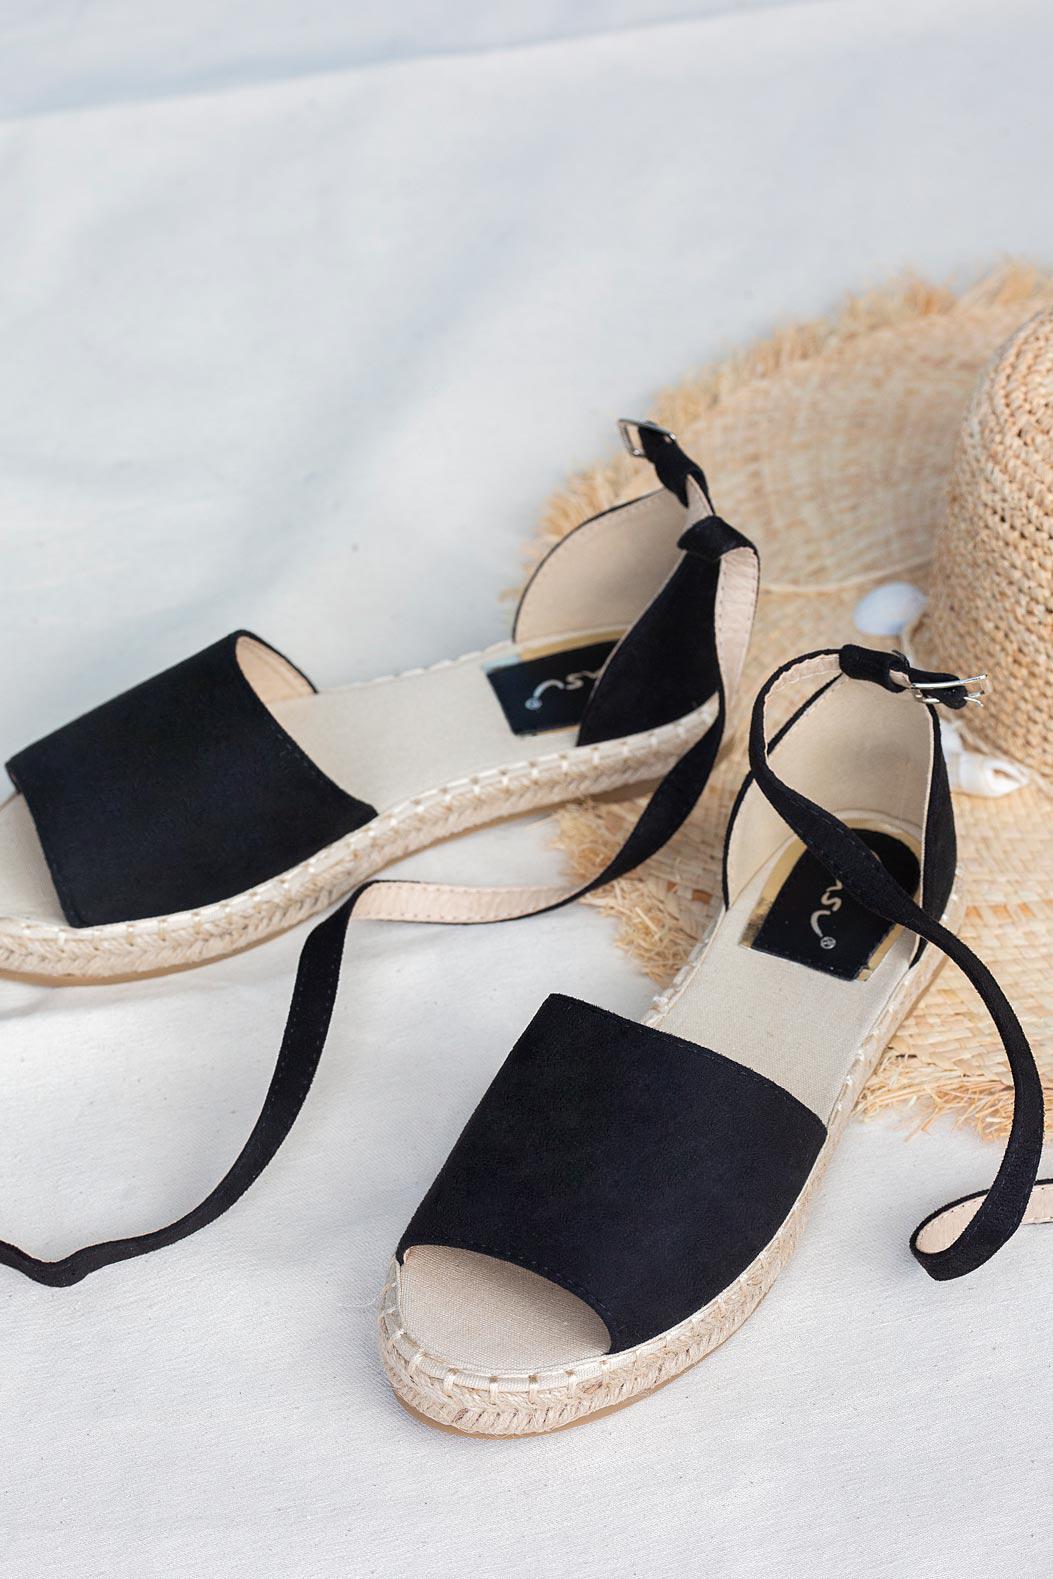 Czarne sandały espadryle z zakrytą piętą i paskiem wokół kostki Casu A20X5/B czarny